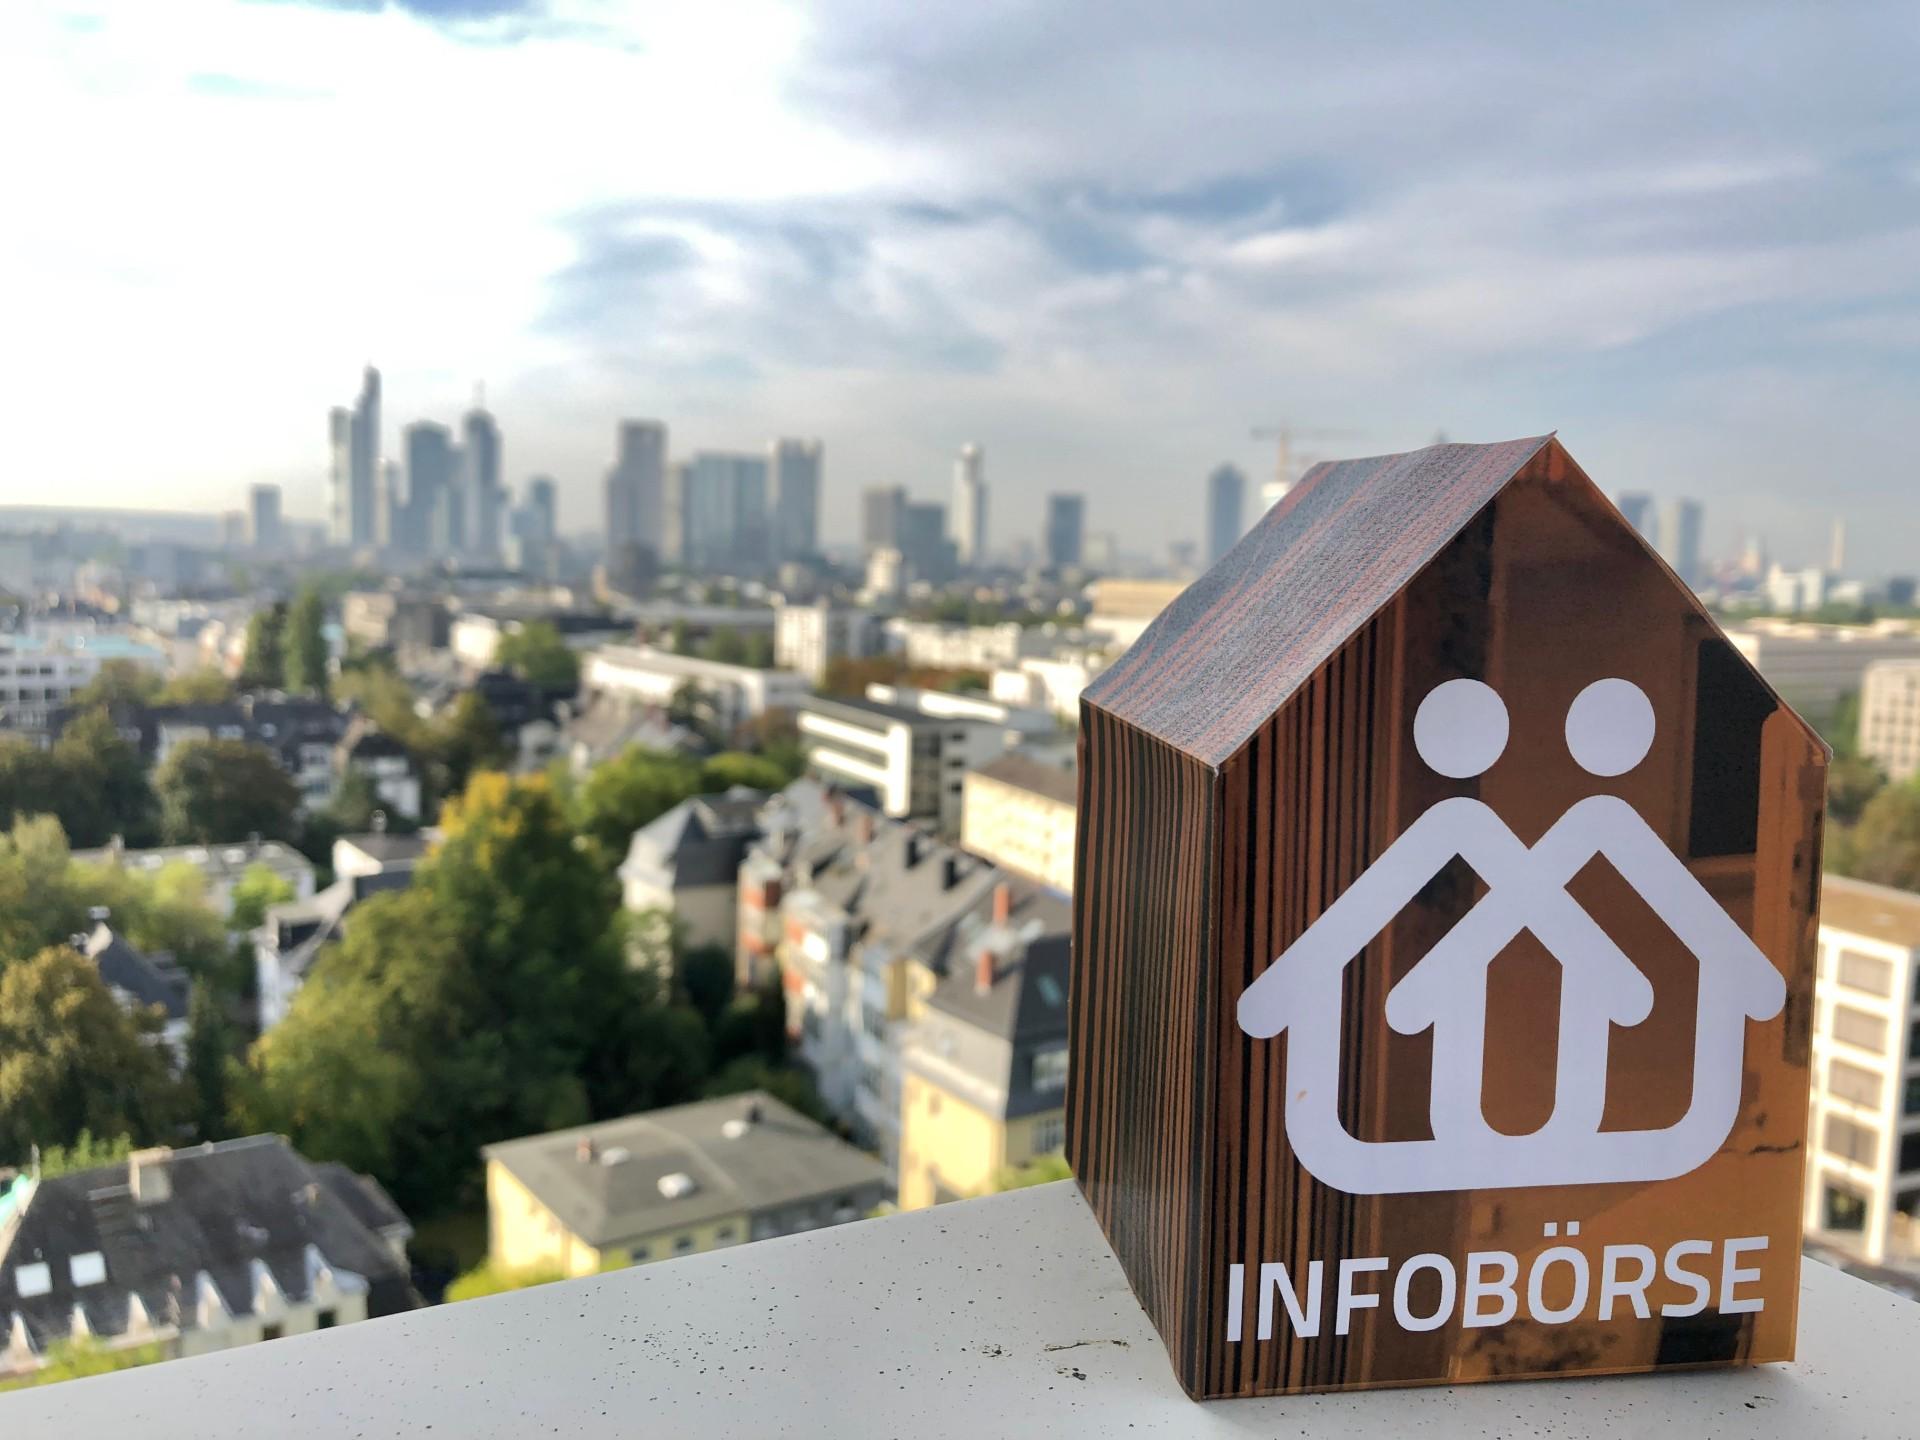 Skyline Frankfurt am Main, Infobörse, Häuschen aus Holz